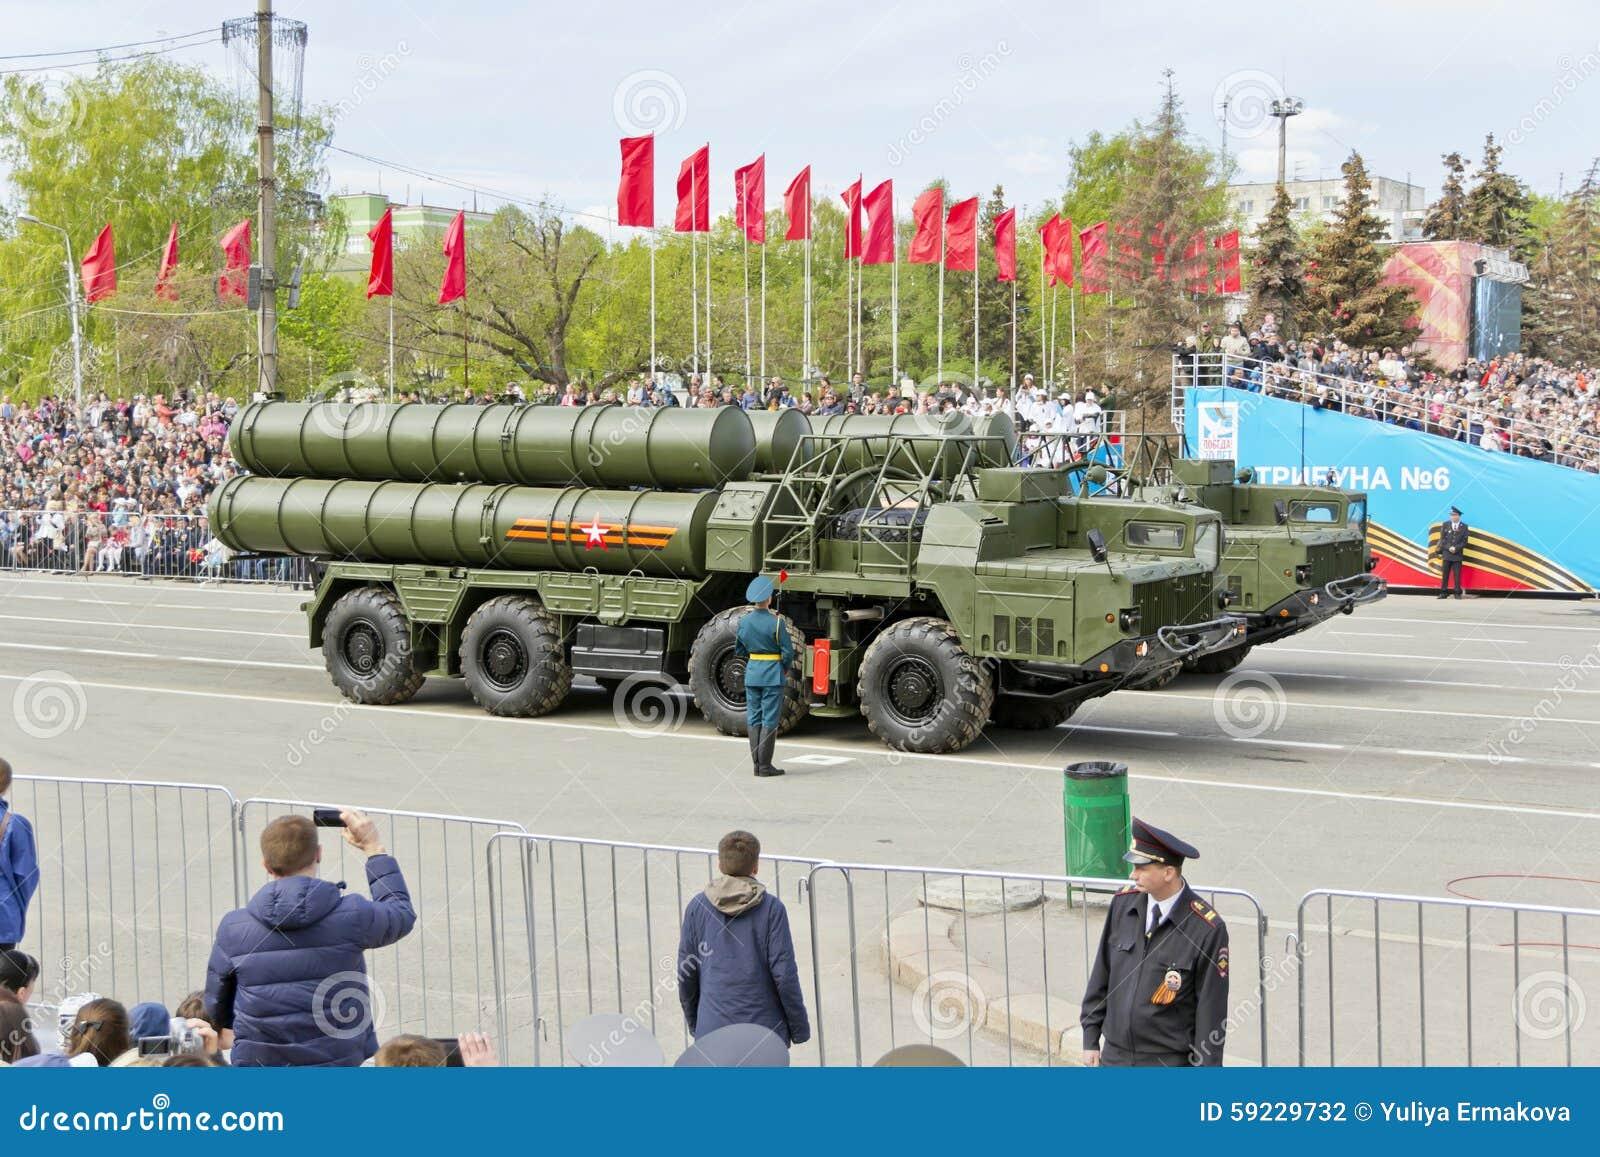 Download Los Militares Rusos Transportan En El Desfile En Victory Day Anual Fotografía editorial - Imagen de ceremonia, balístico: 59229732